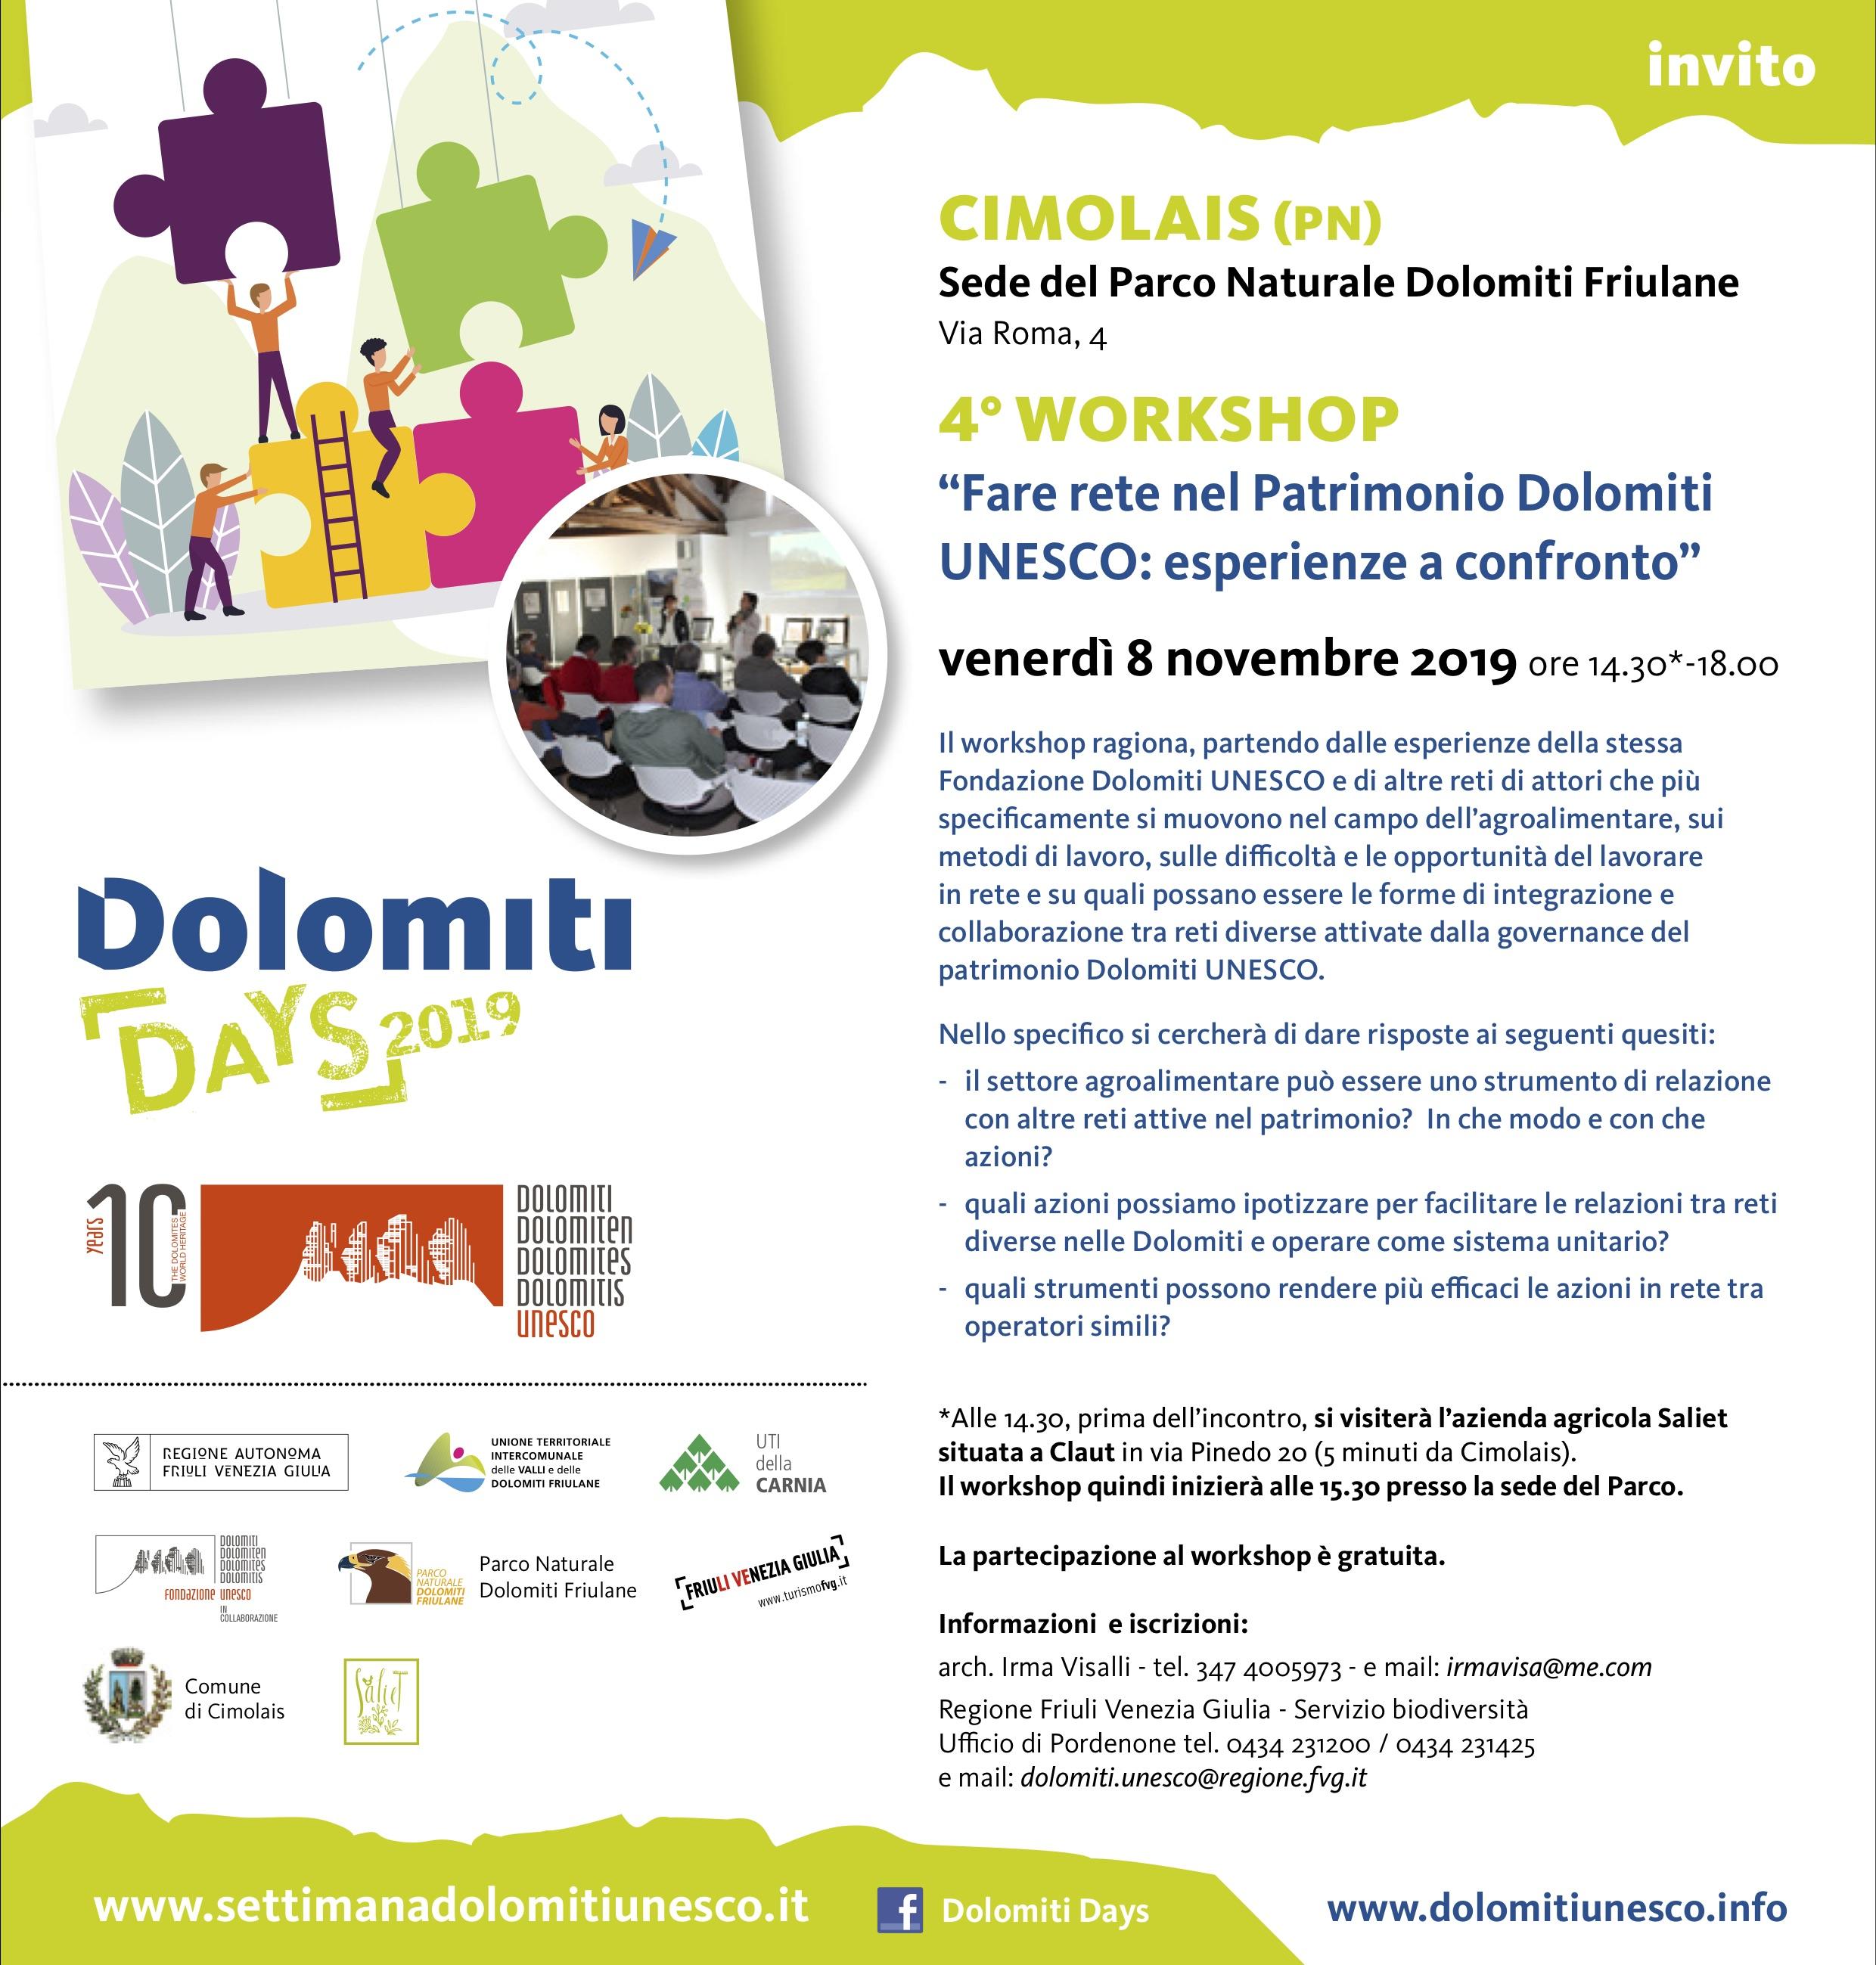 Dolomiti days 2019 workshop 8_11 Cimolais